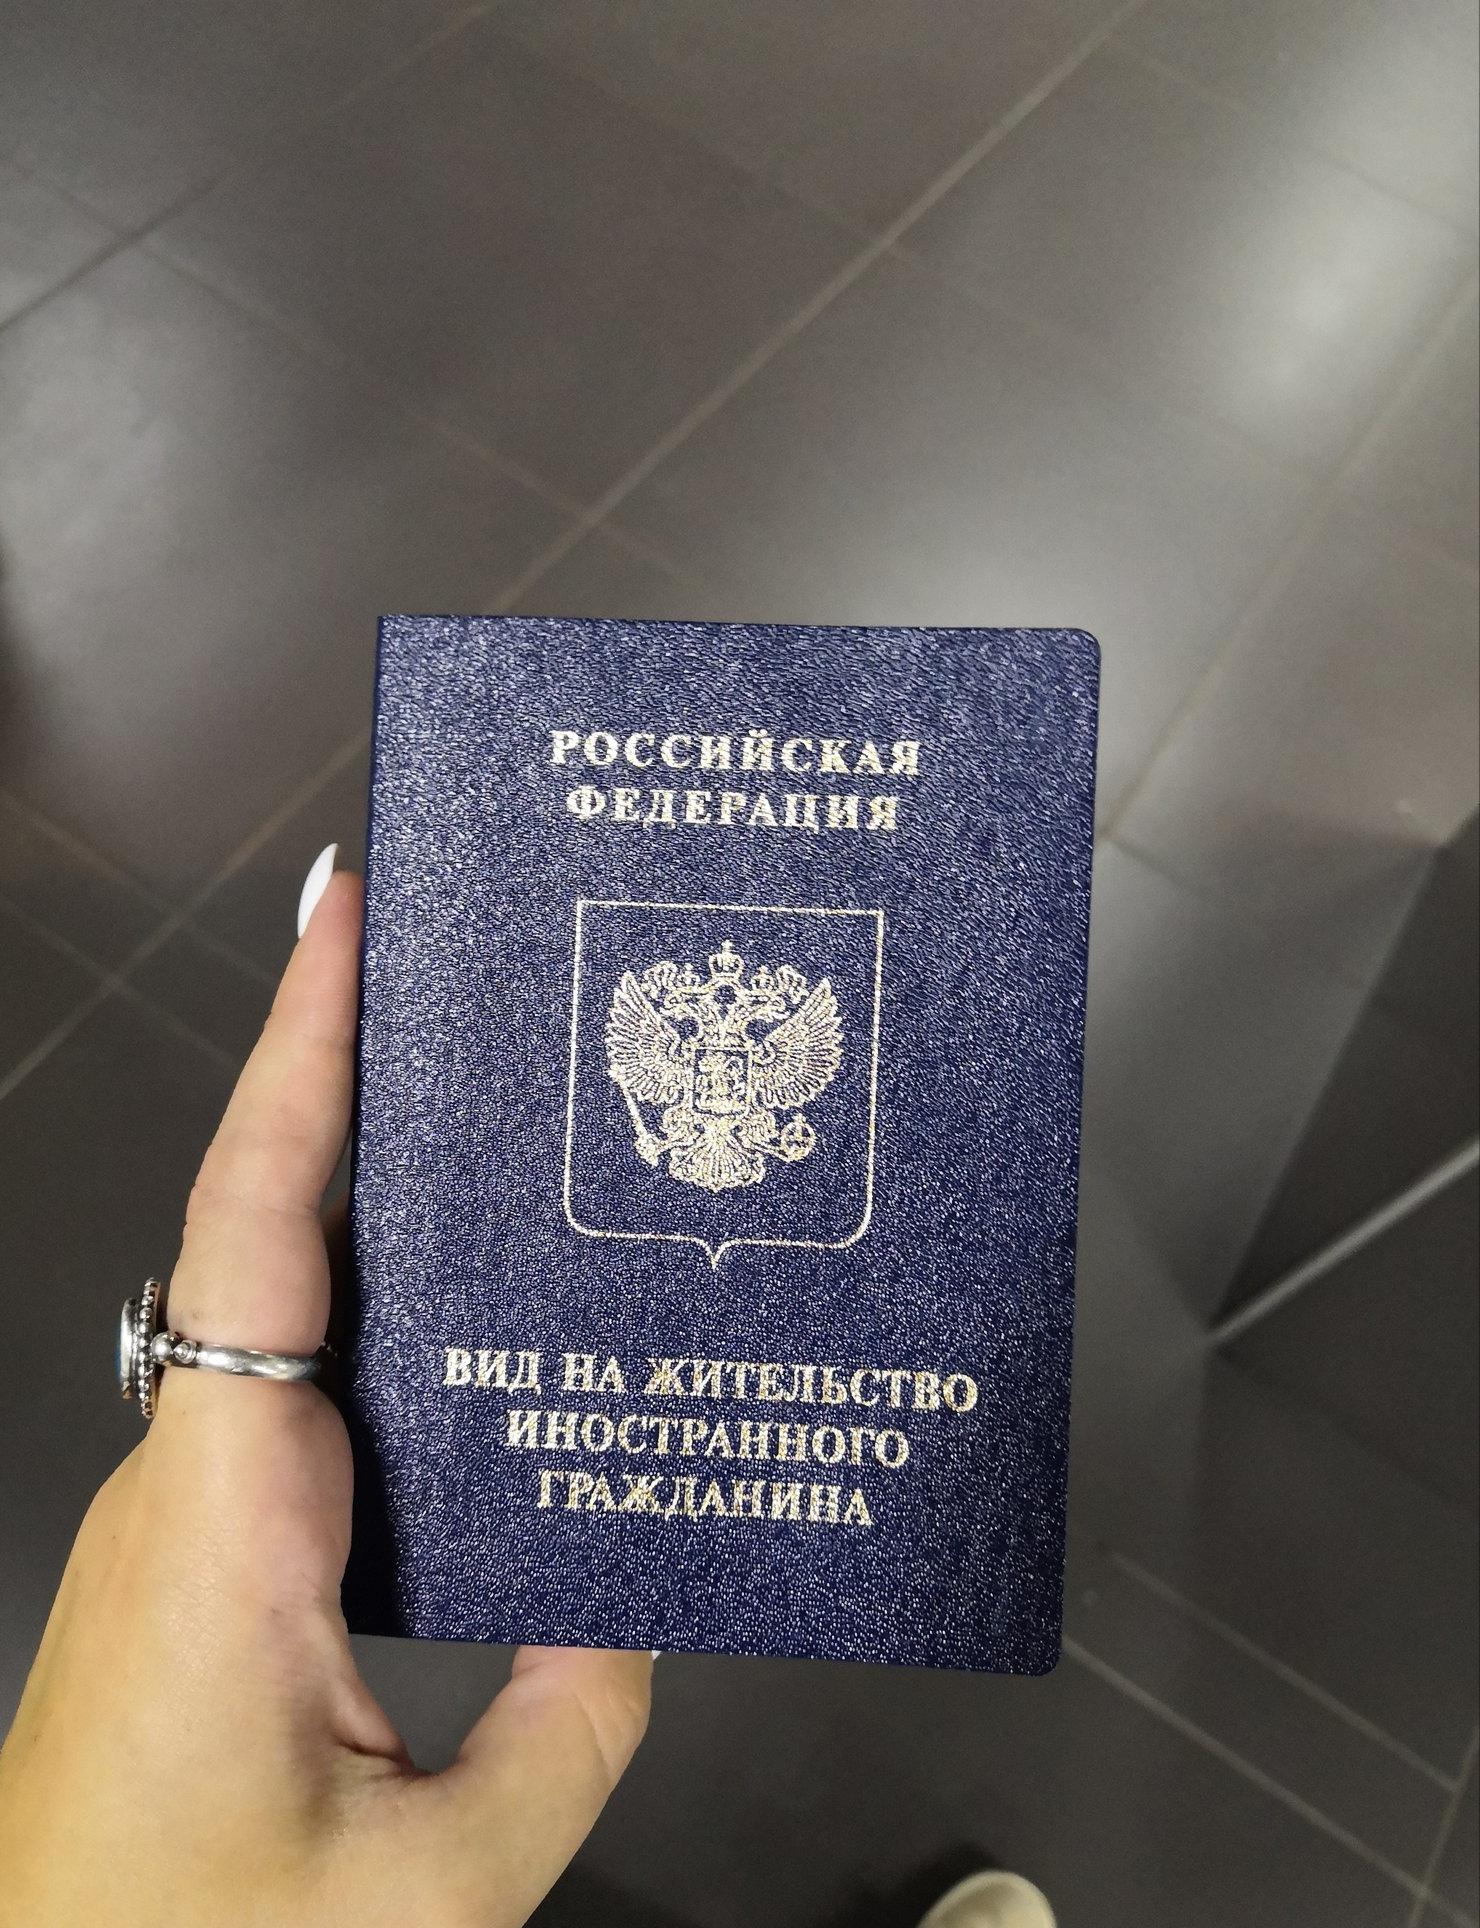 Топ лучших современных фотографов россии впервые